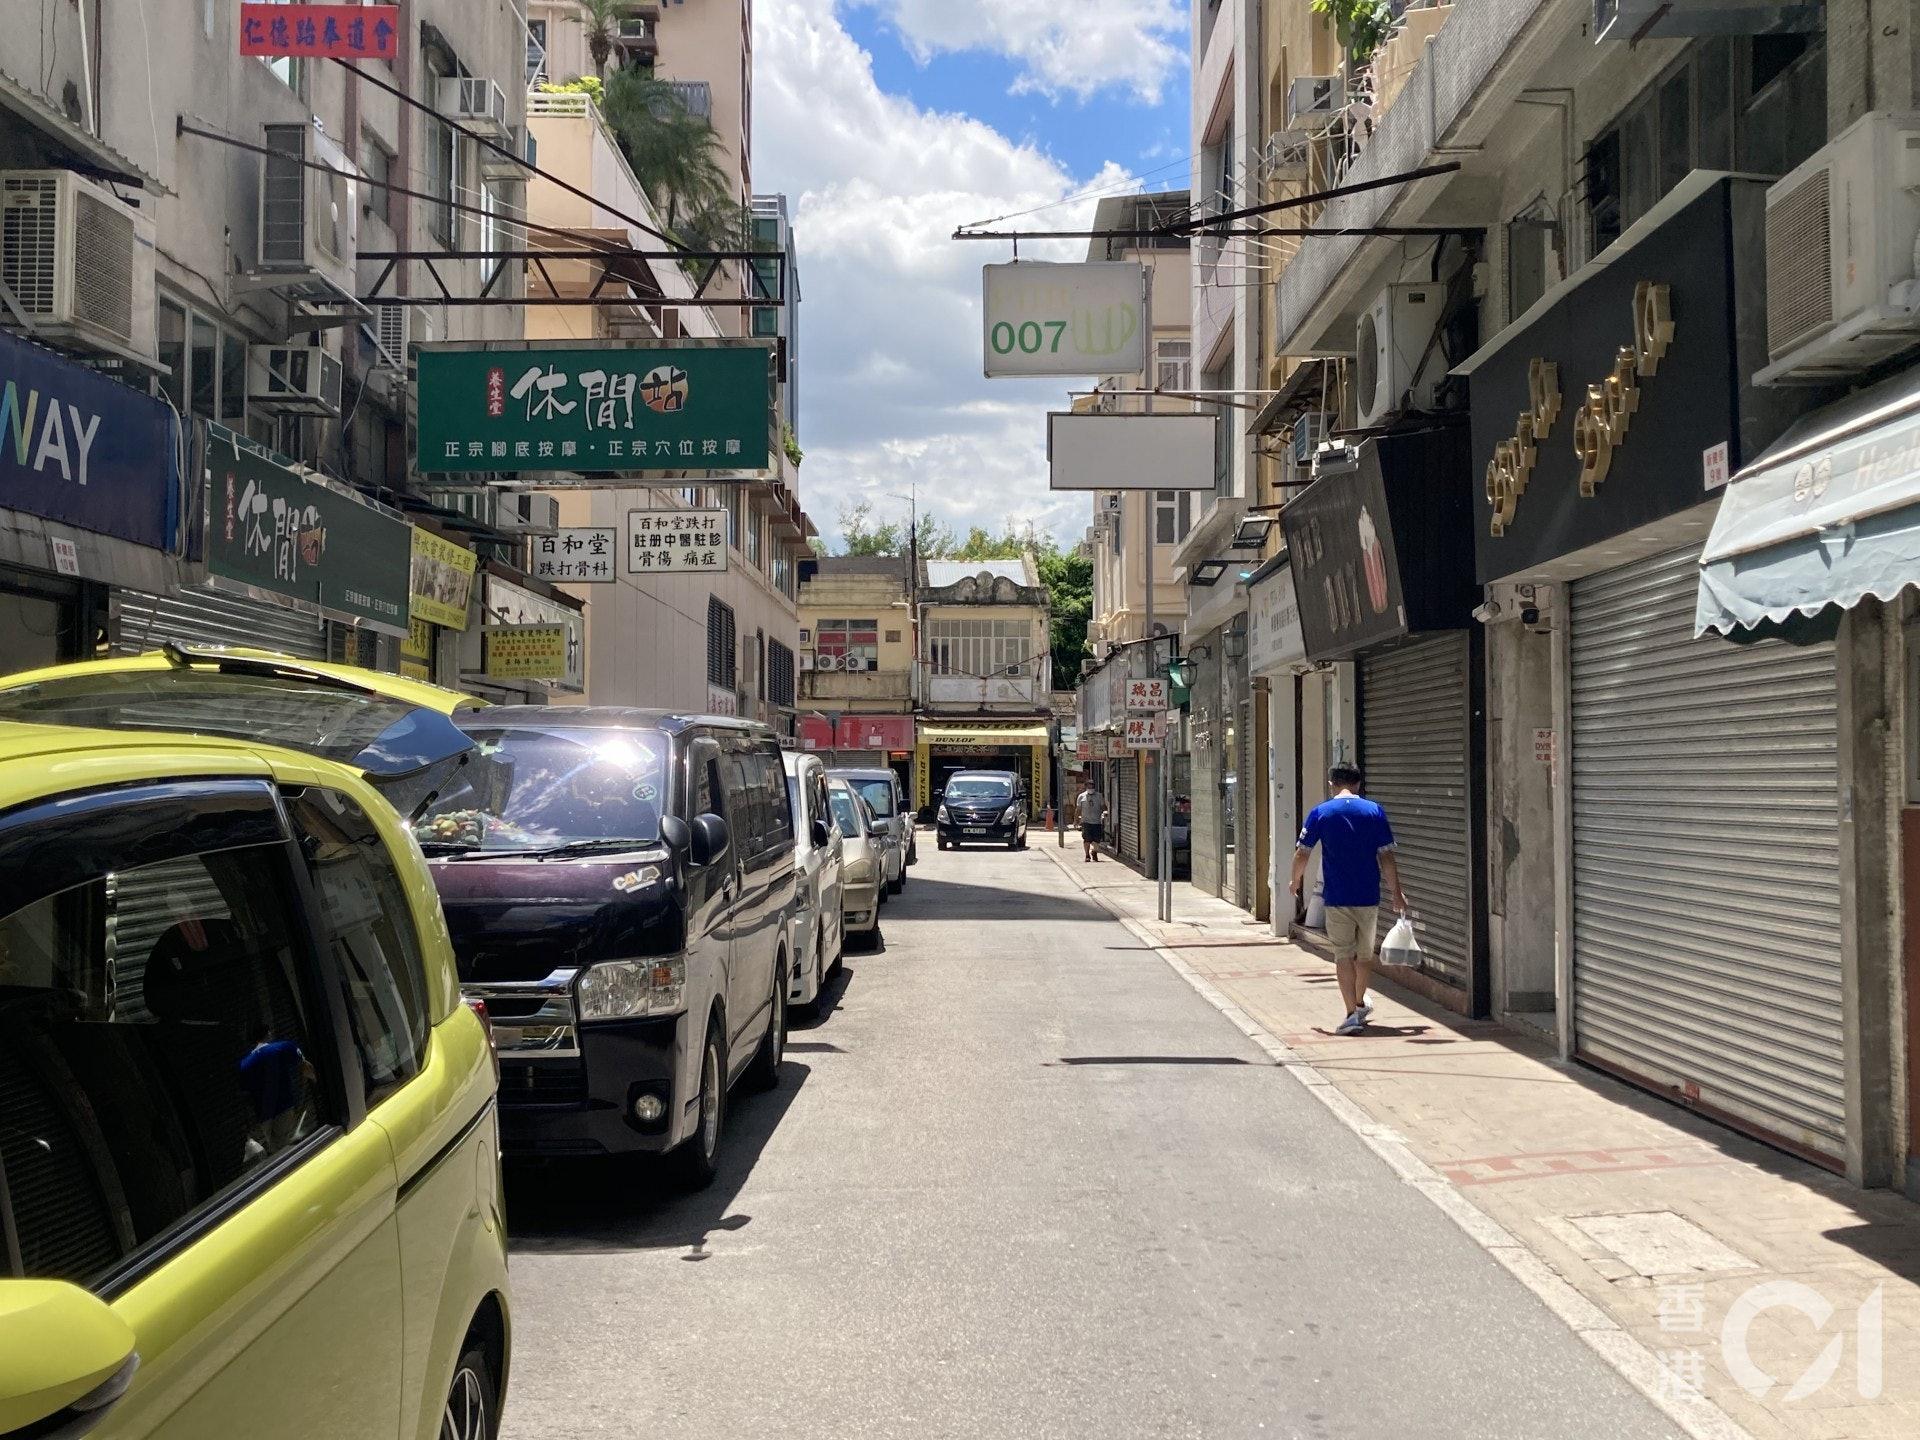 7月30日所見,上水街道上人流稀少。(歐陽德浩攝)